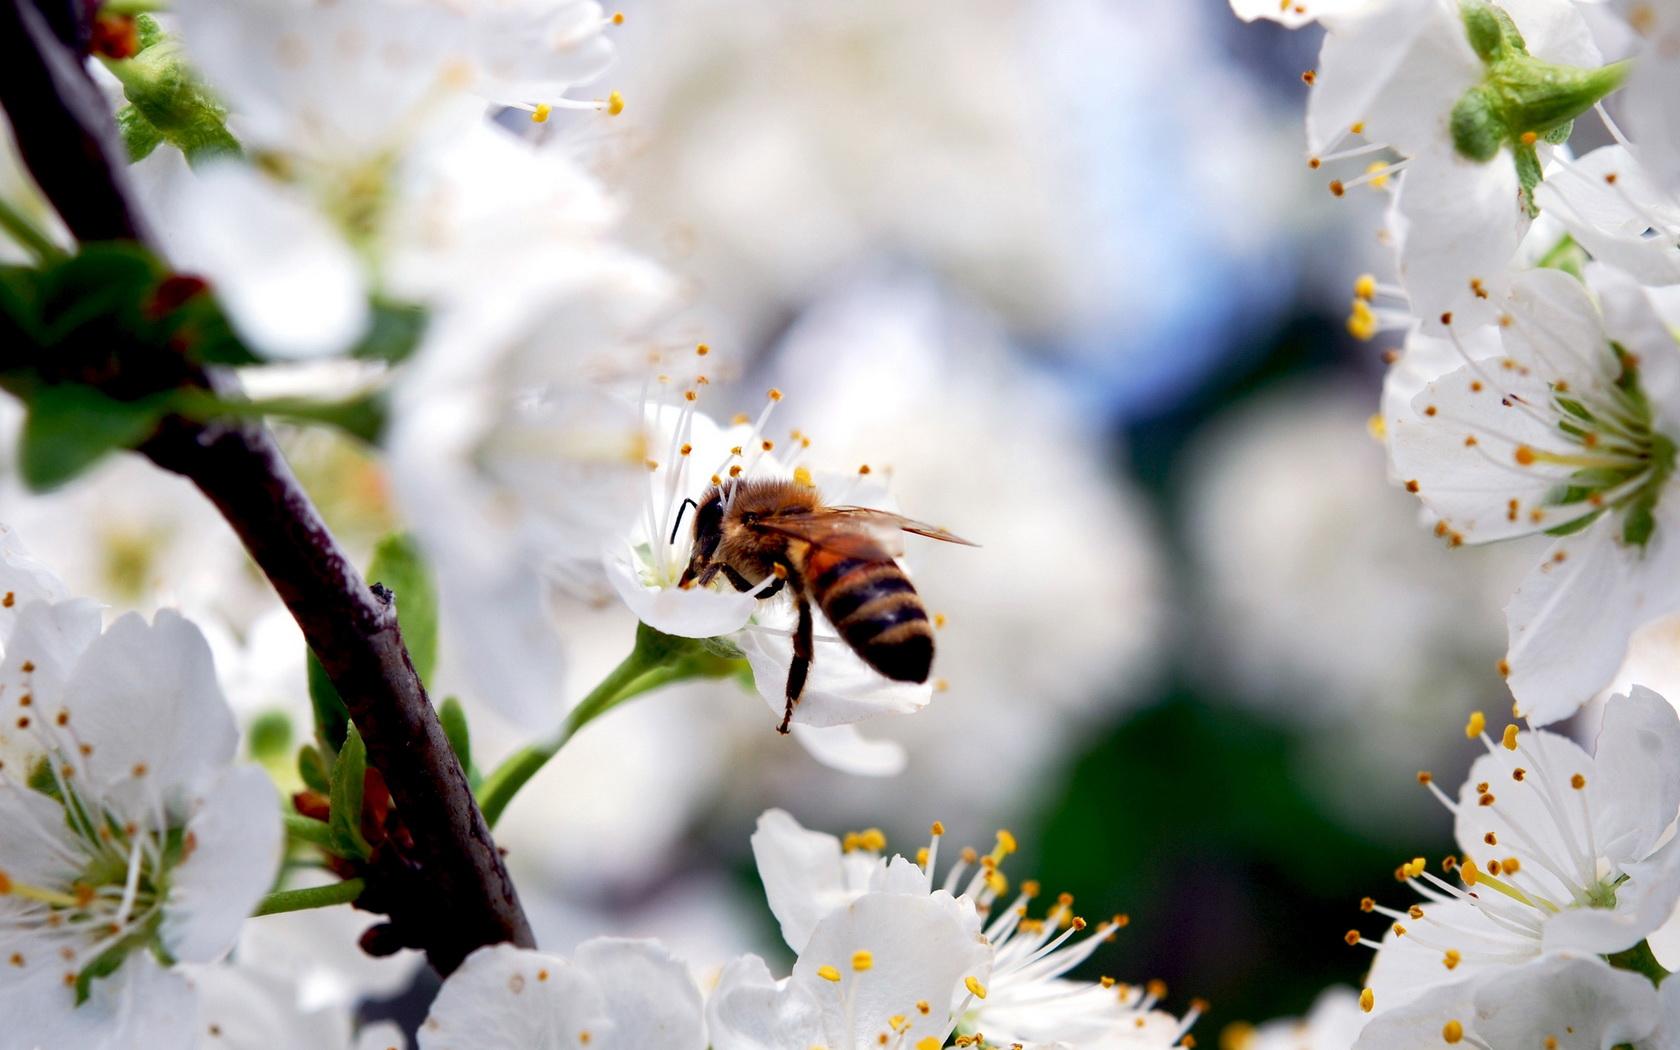 1680x1050-px-Bumblebee-1648267.jpg